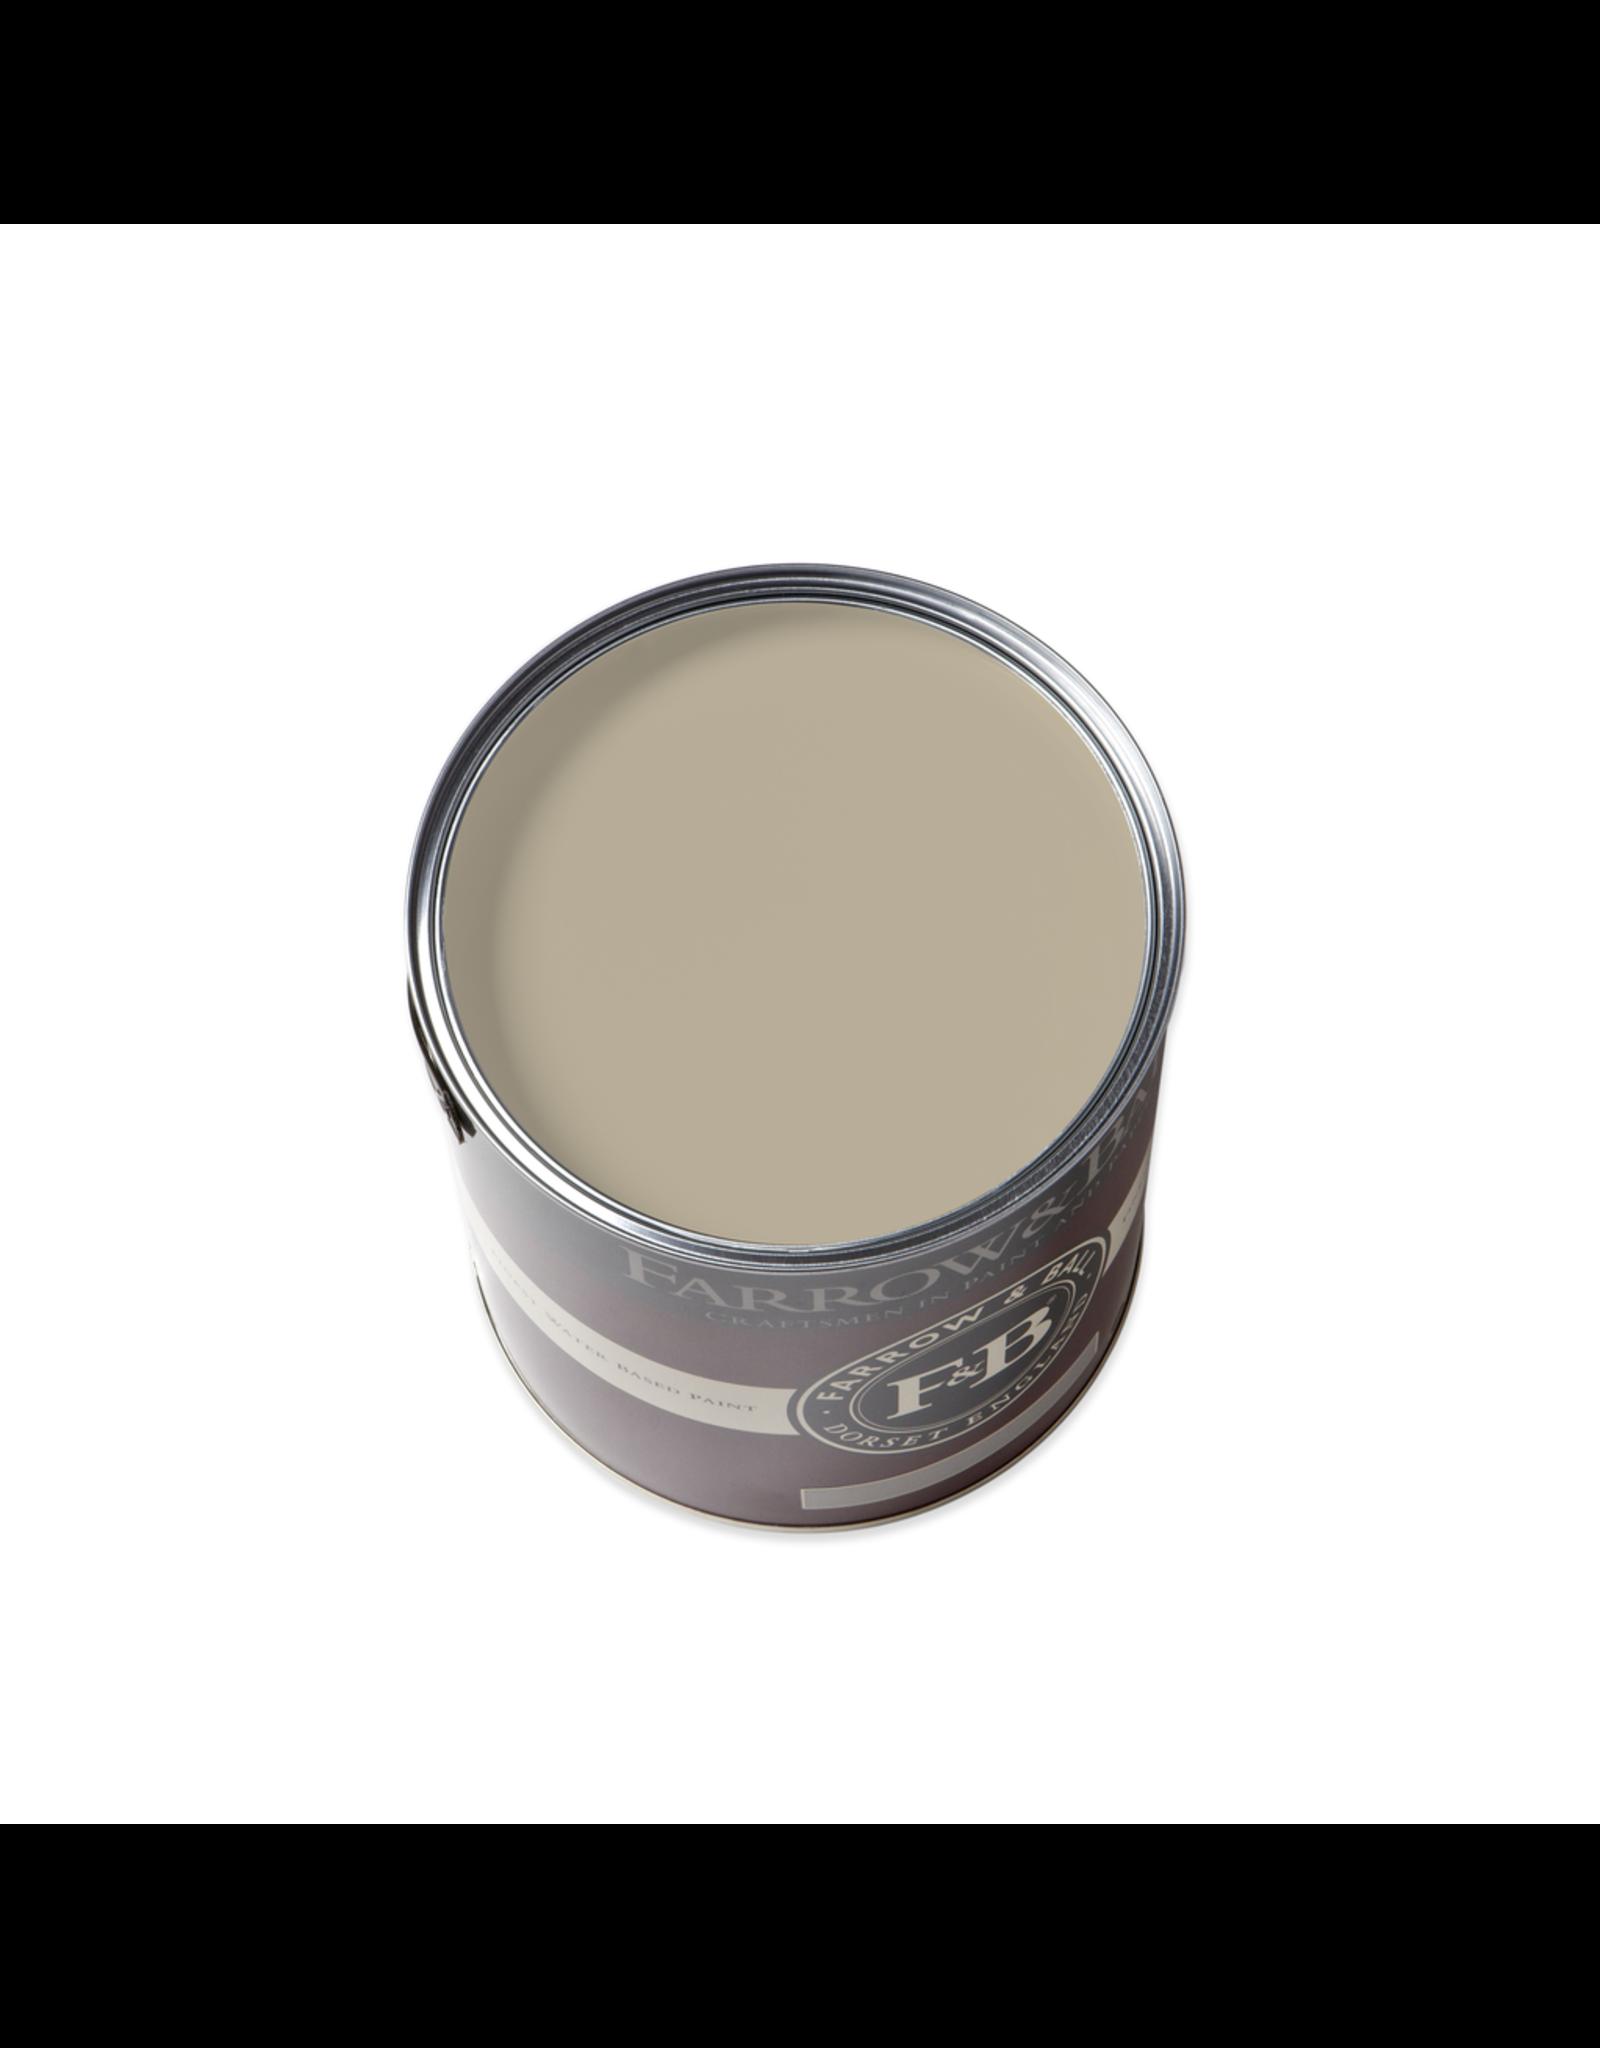 Farrow and Ball Gallon Modern Emulsion Fawn No. 10